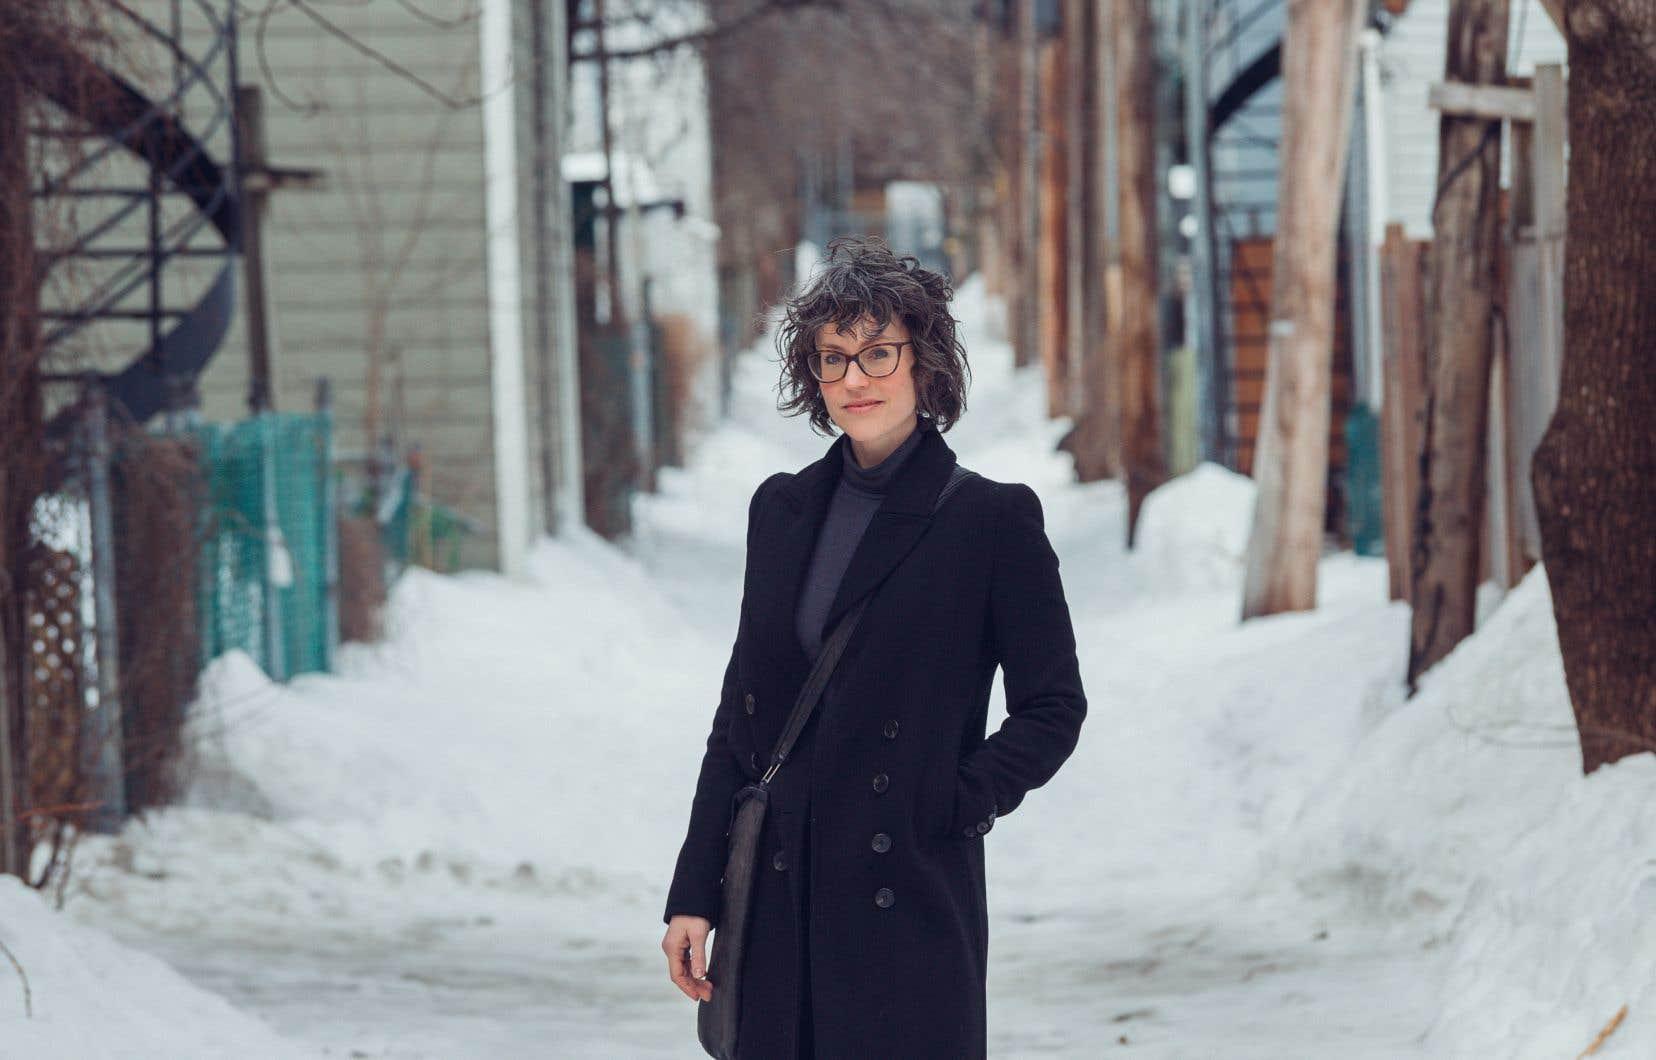 Meghan Joy croit que les villes ayant des aspirations progressistes devraient davantage partager leurs expériences, leurs succès et les résistances auxquelles elles ont fait face.